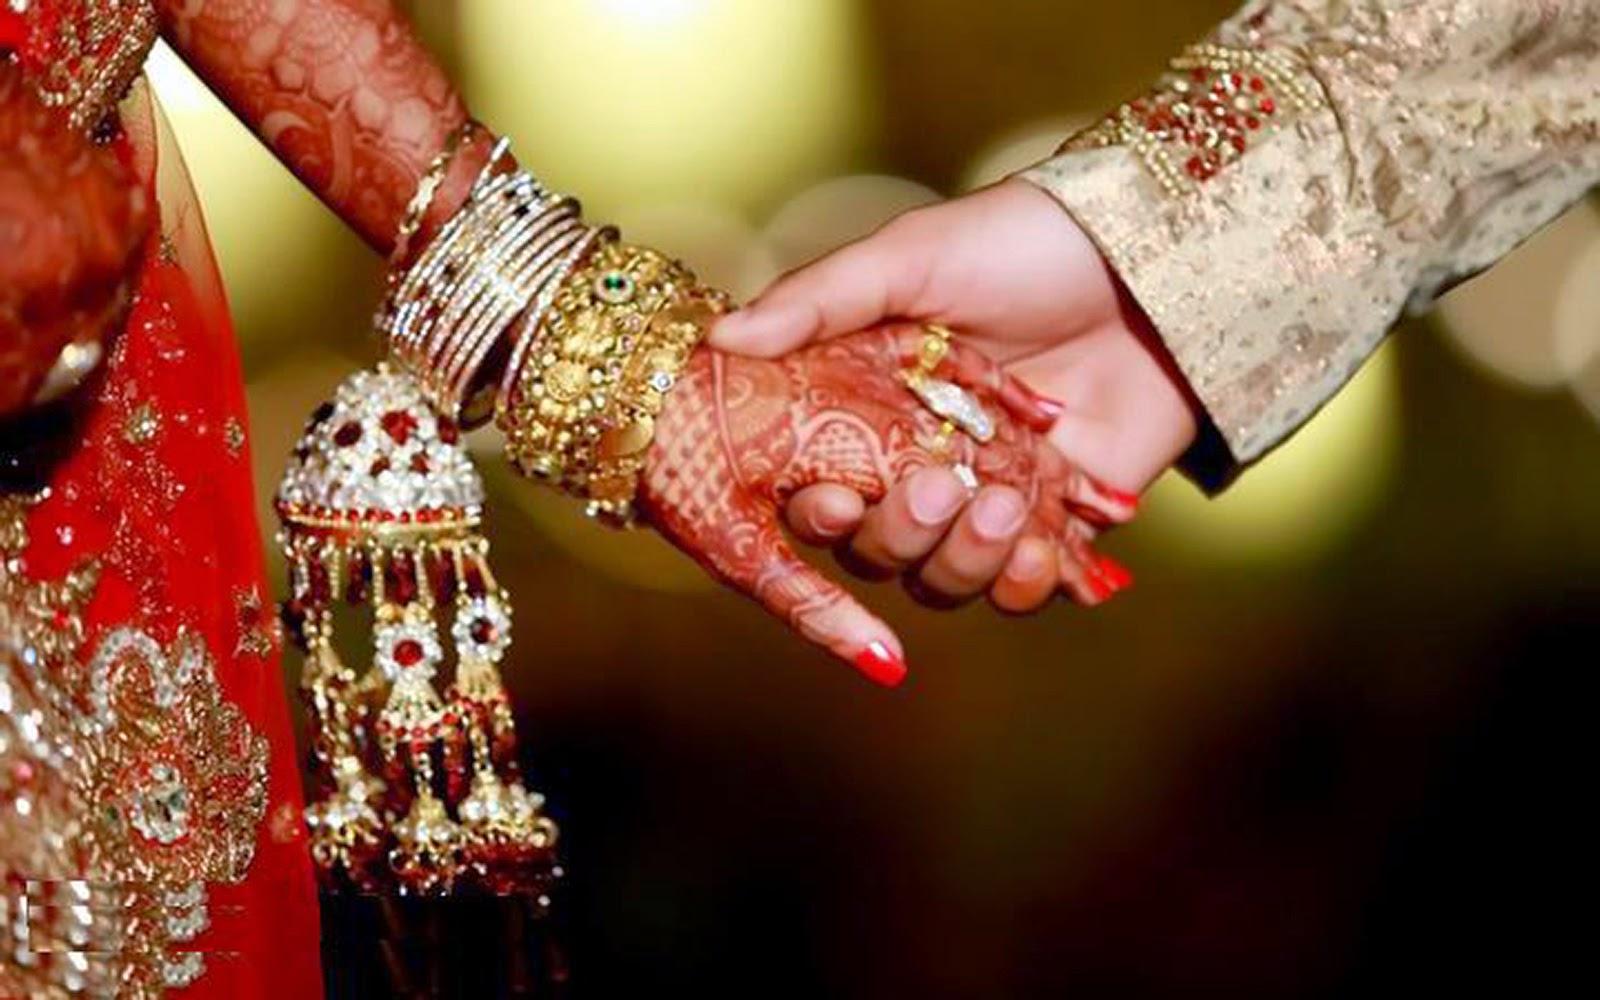 Marriage-A Bond till eternity